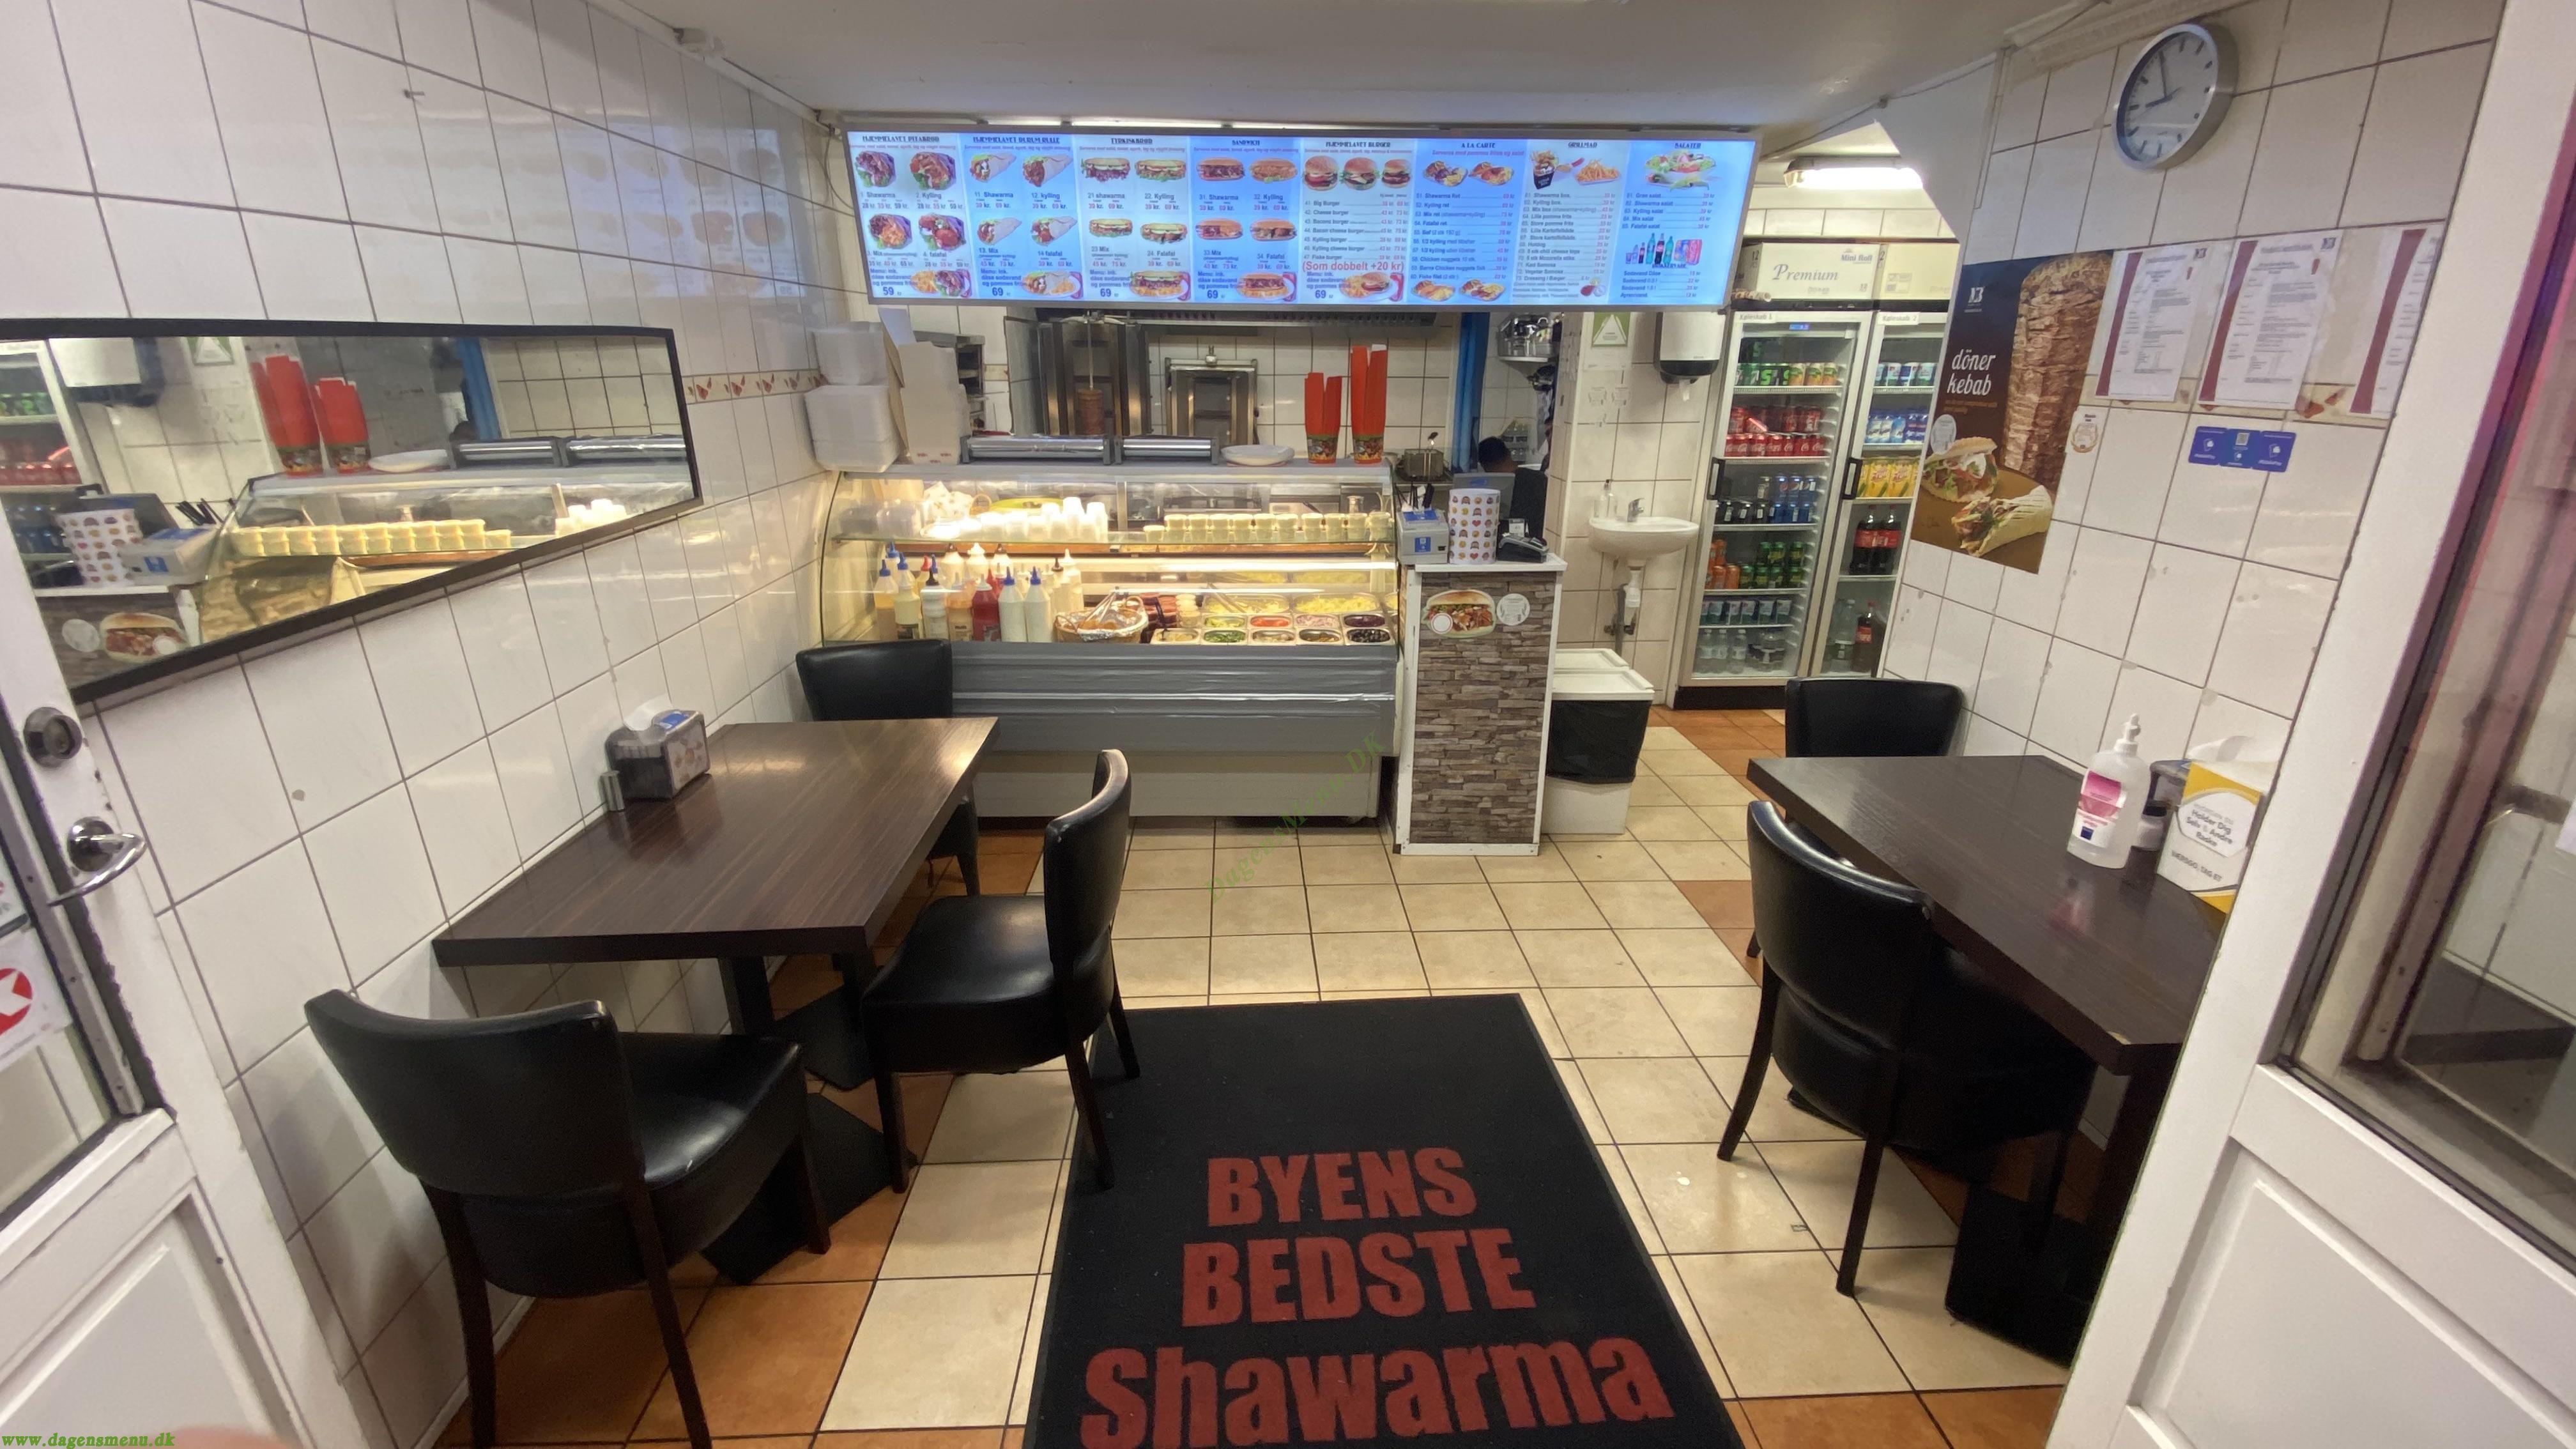 Byens Bedste Shawarma - Menukort